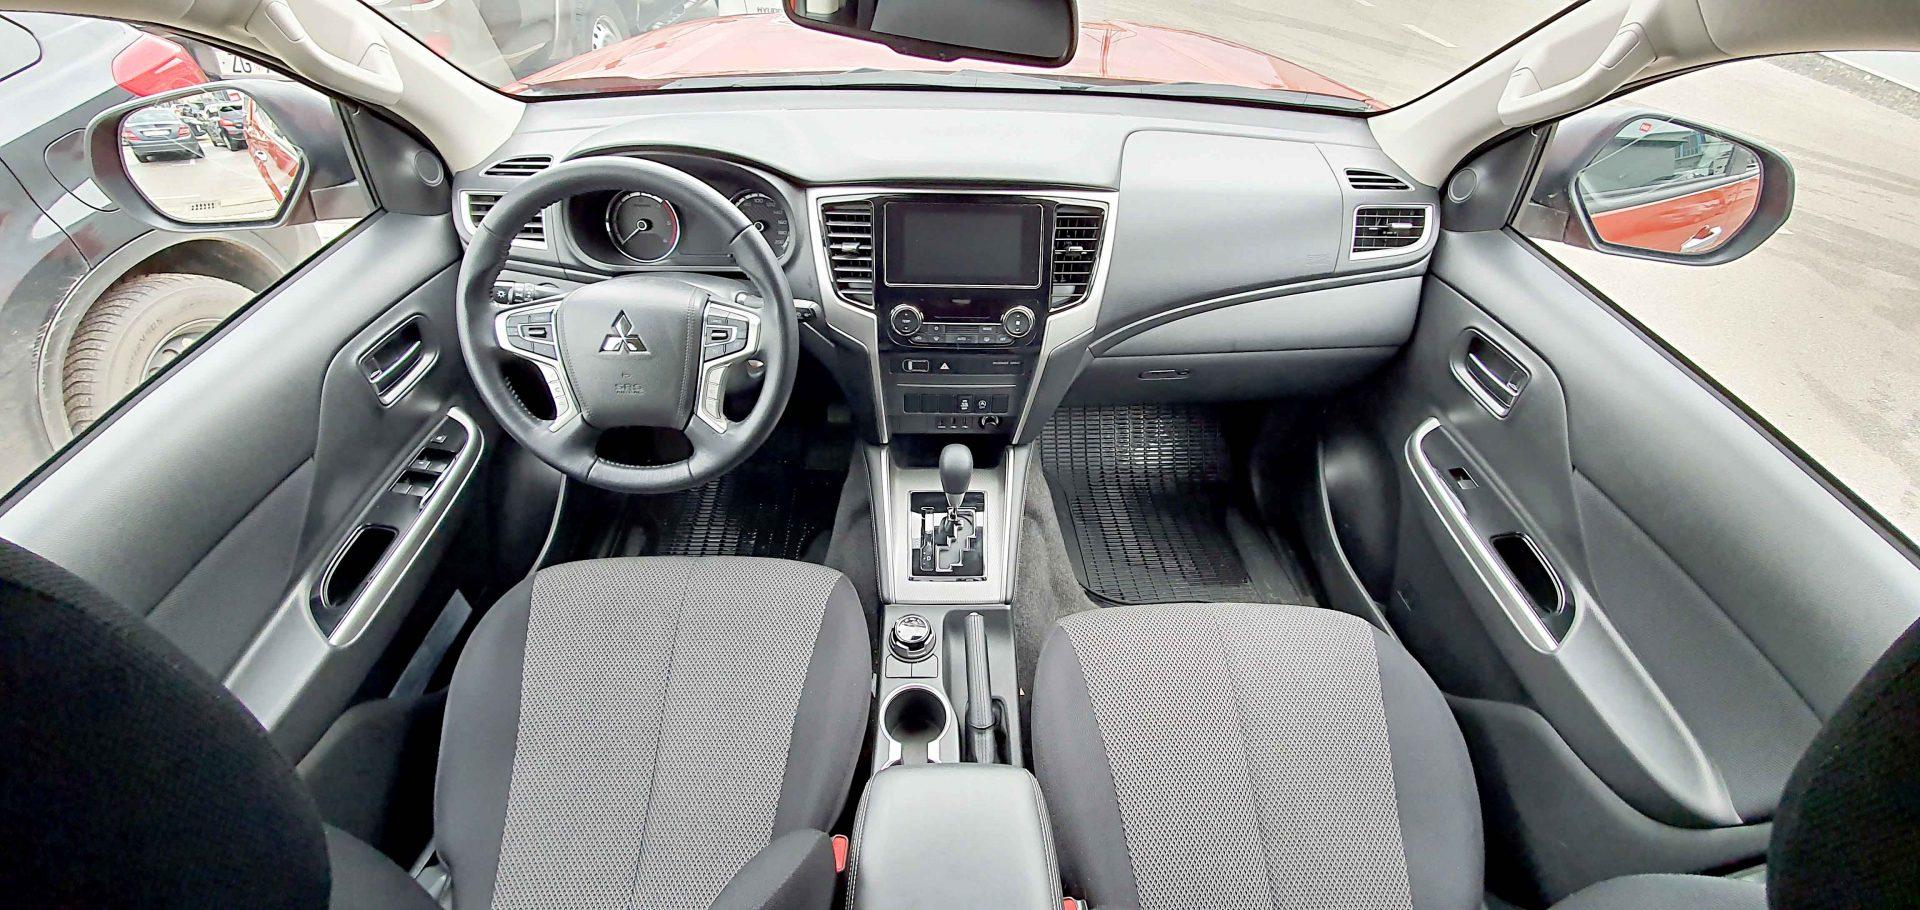 Unutrašnjost novog Mitsubishija L200 je puno udobnija